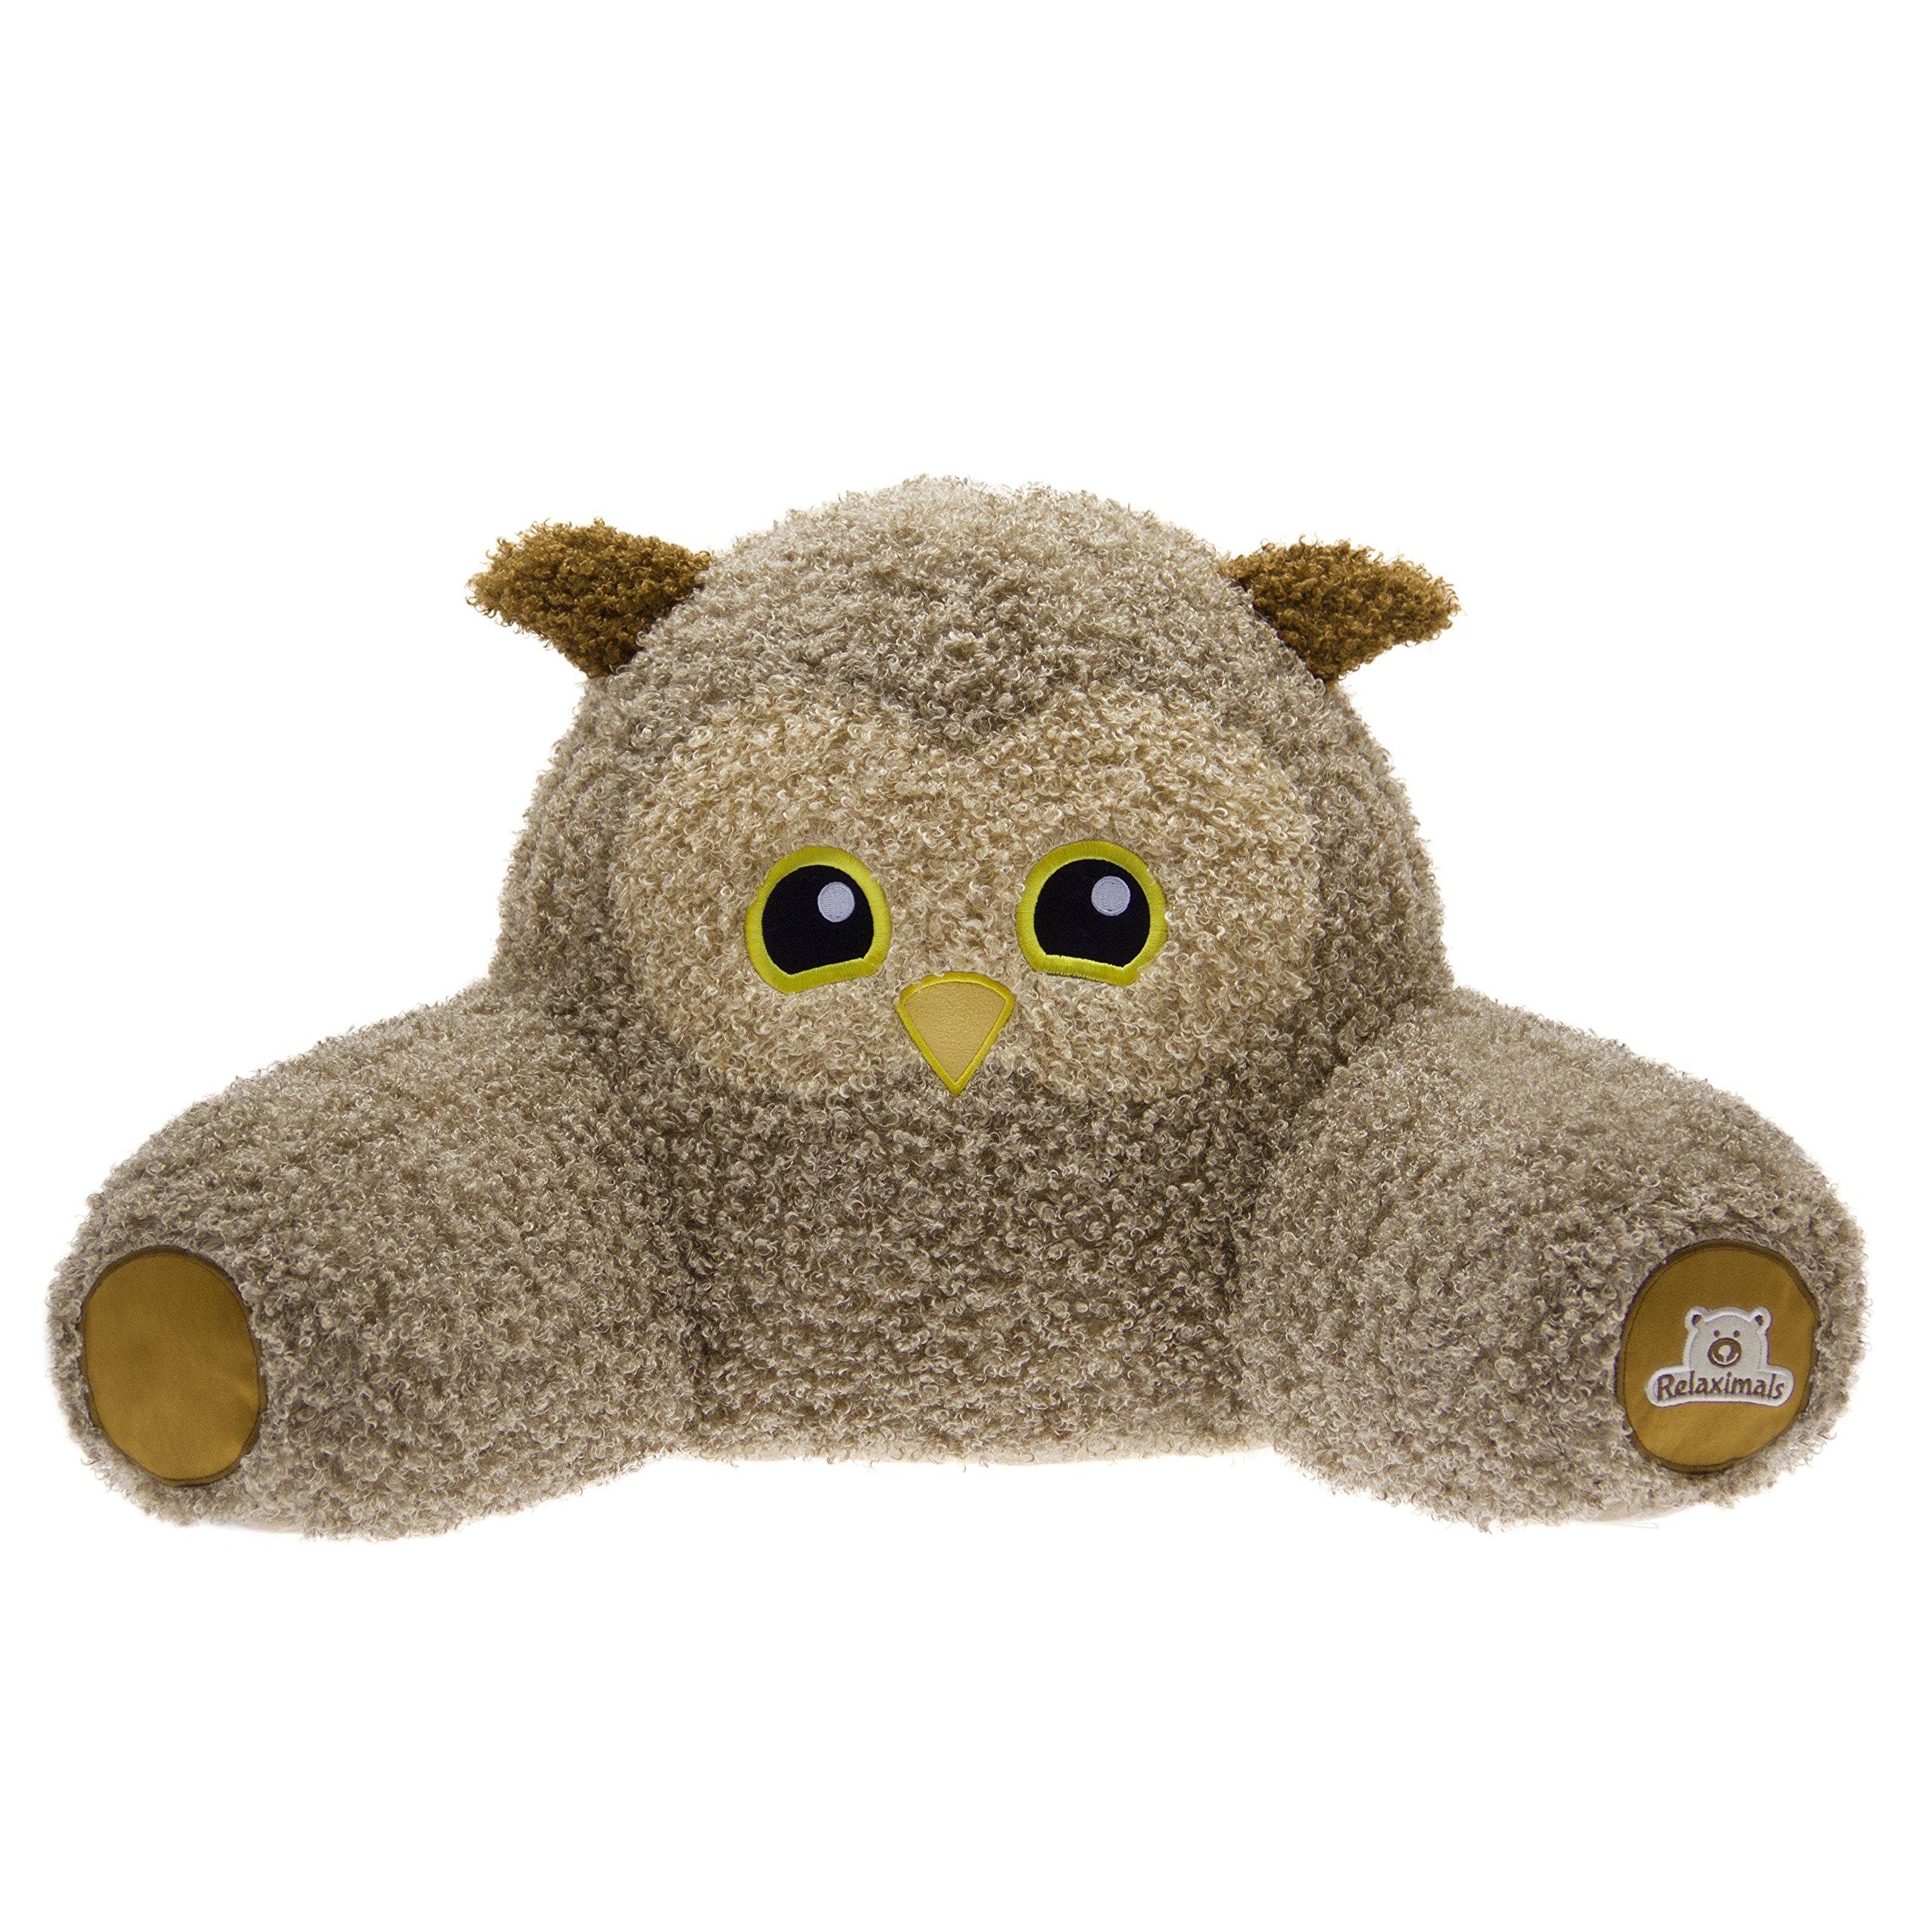 Relaximals Owl Kids Reading Pillow